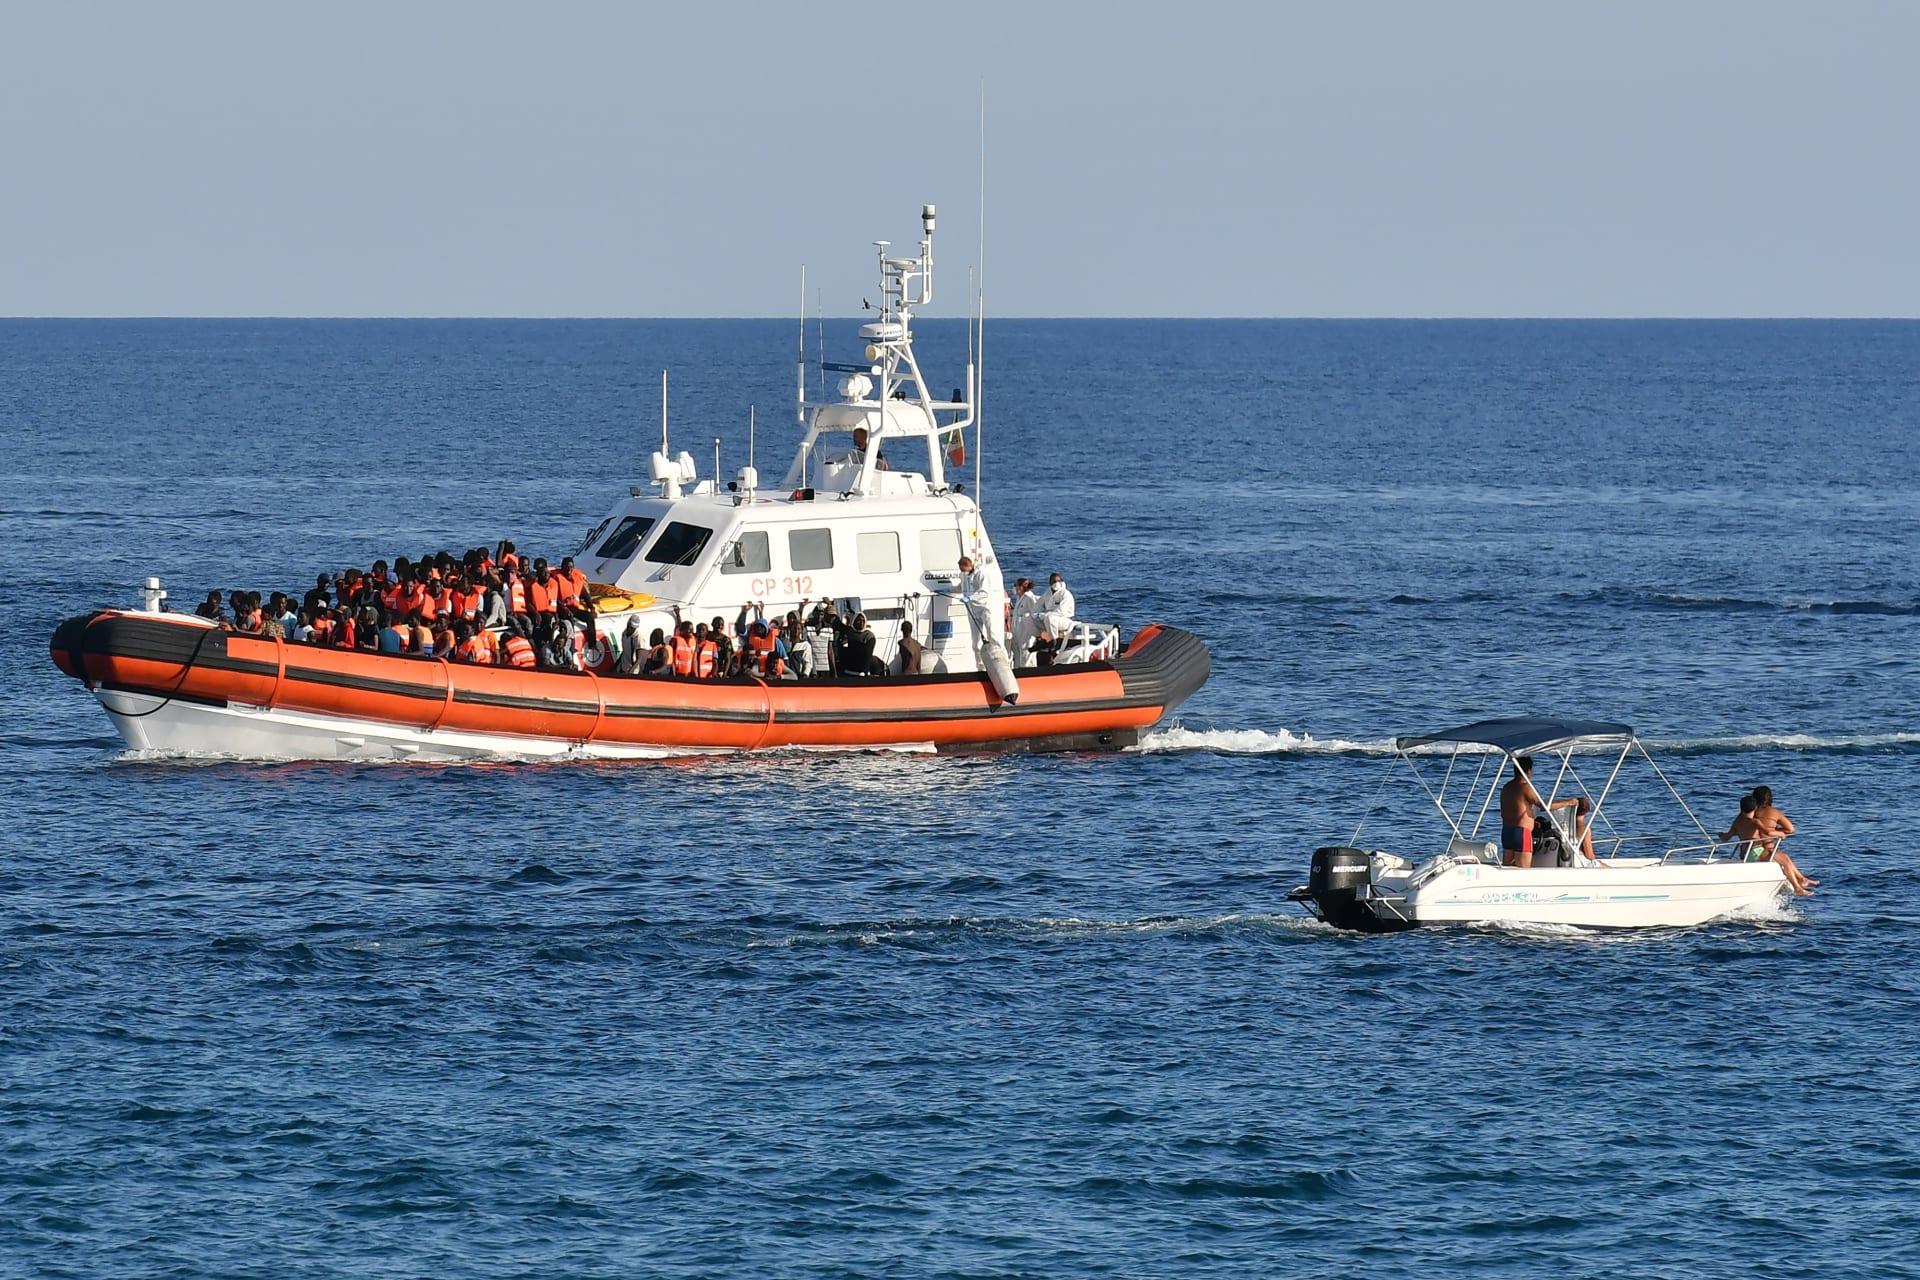 قارب لسلطات الحدود الإيطالية ينقل عددًا من المهاجرين غير الشرعيين القادمين من ليبيا